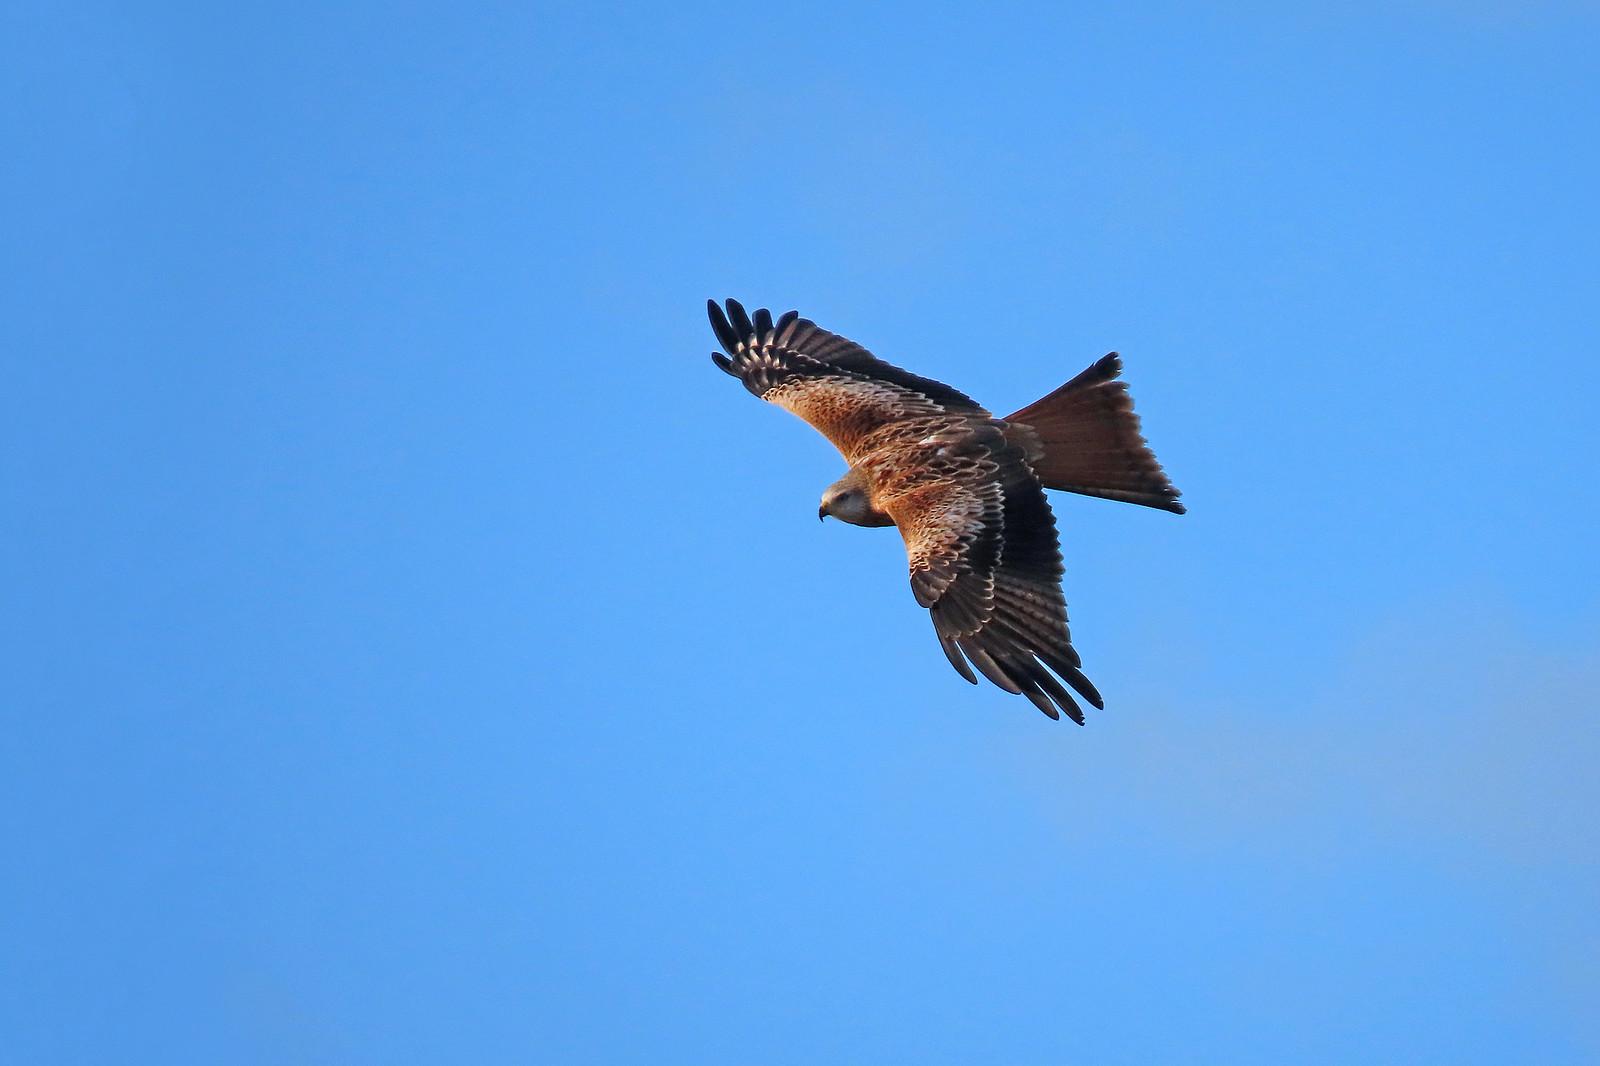 Red Kite - Milvus milvus